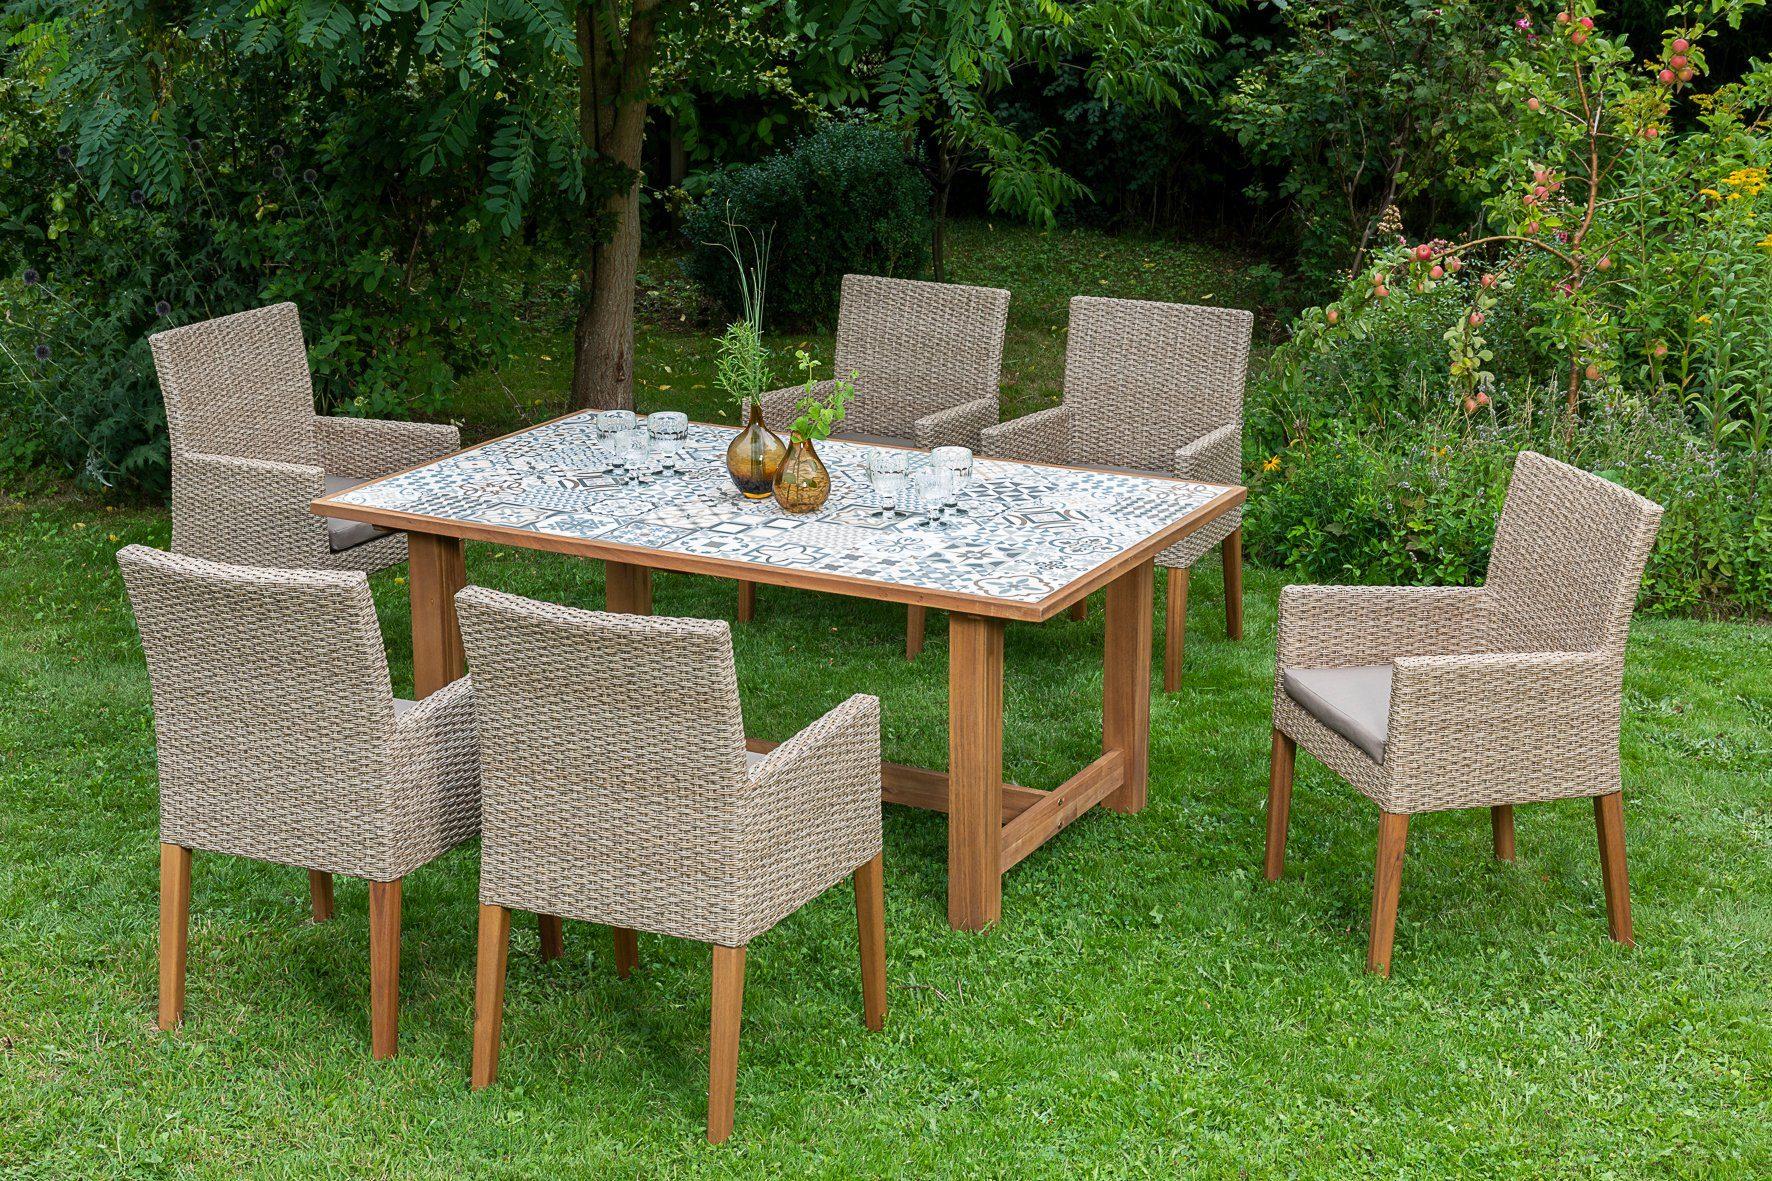 MERXX Gartenmöbelset »Torino«, 13-tlg., 6 Sessel, Tisch 172x105 cm, Polyrattan/Akazie